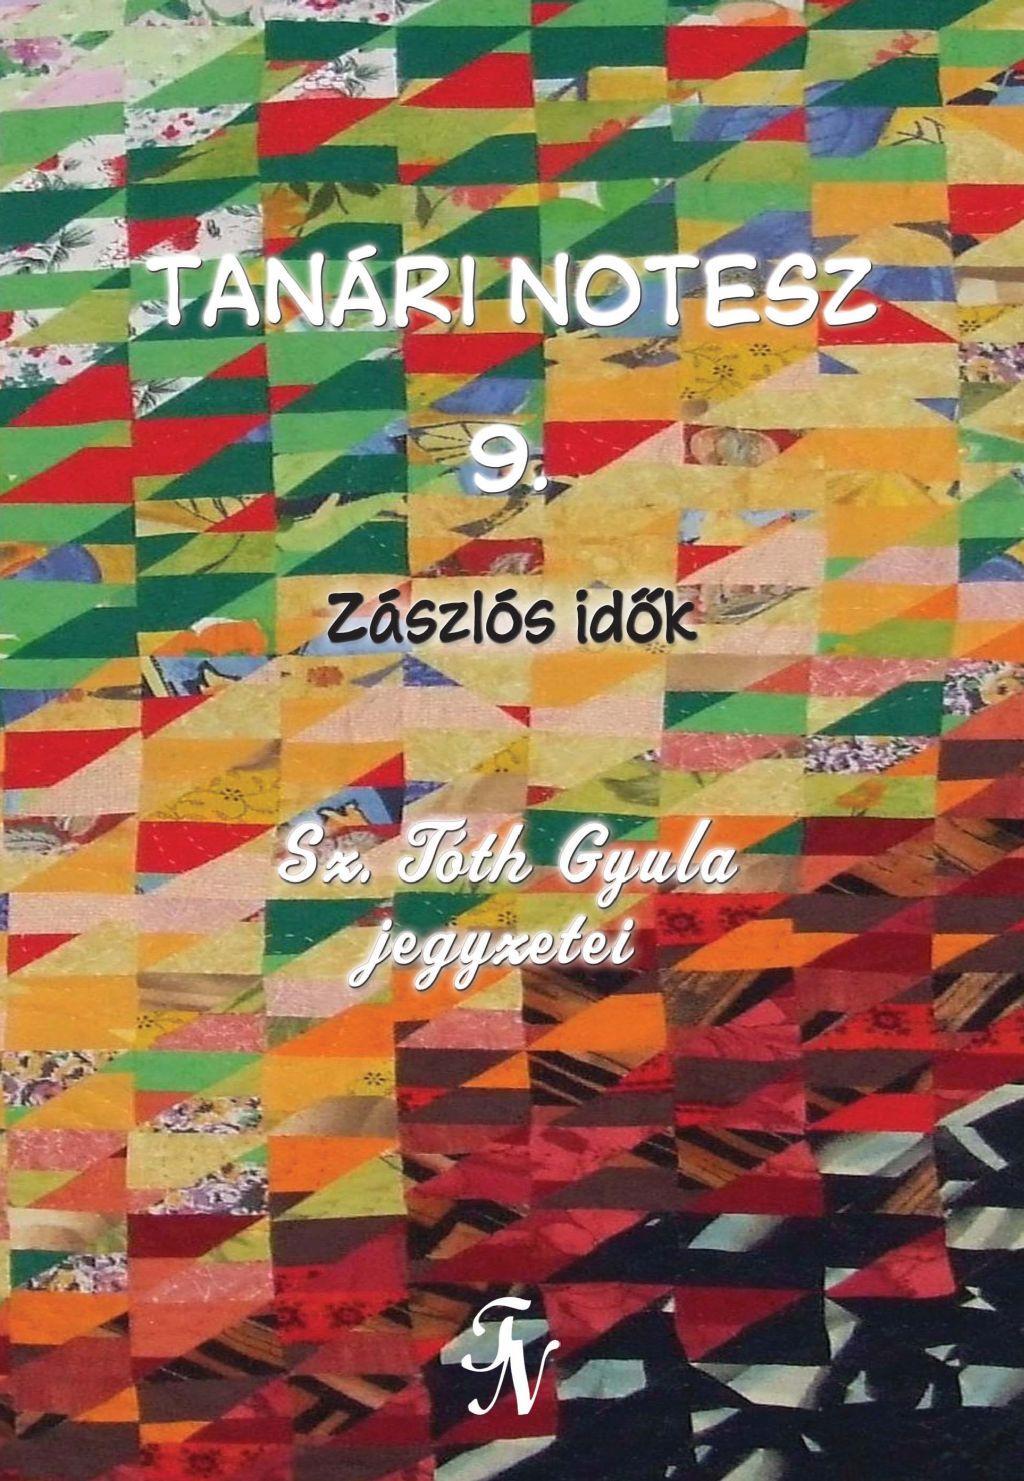 TANÁRI NOTESZ 9. - ZÁSZLÓS IDŐK